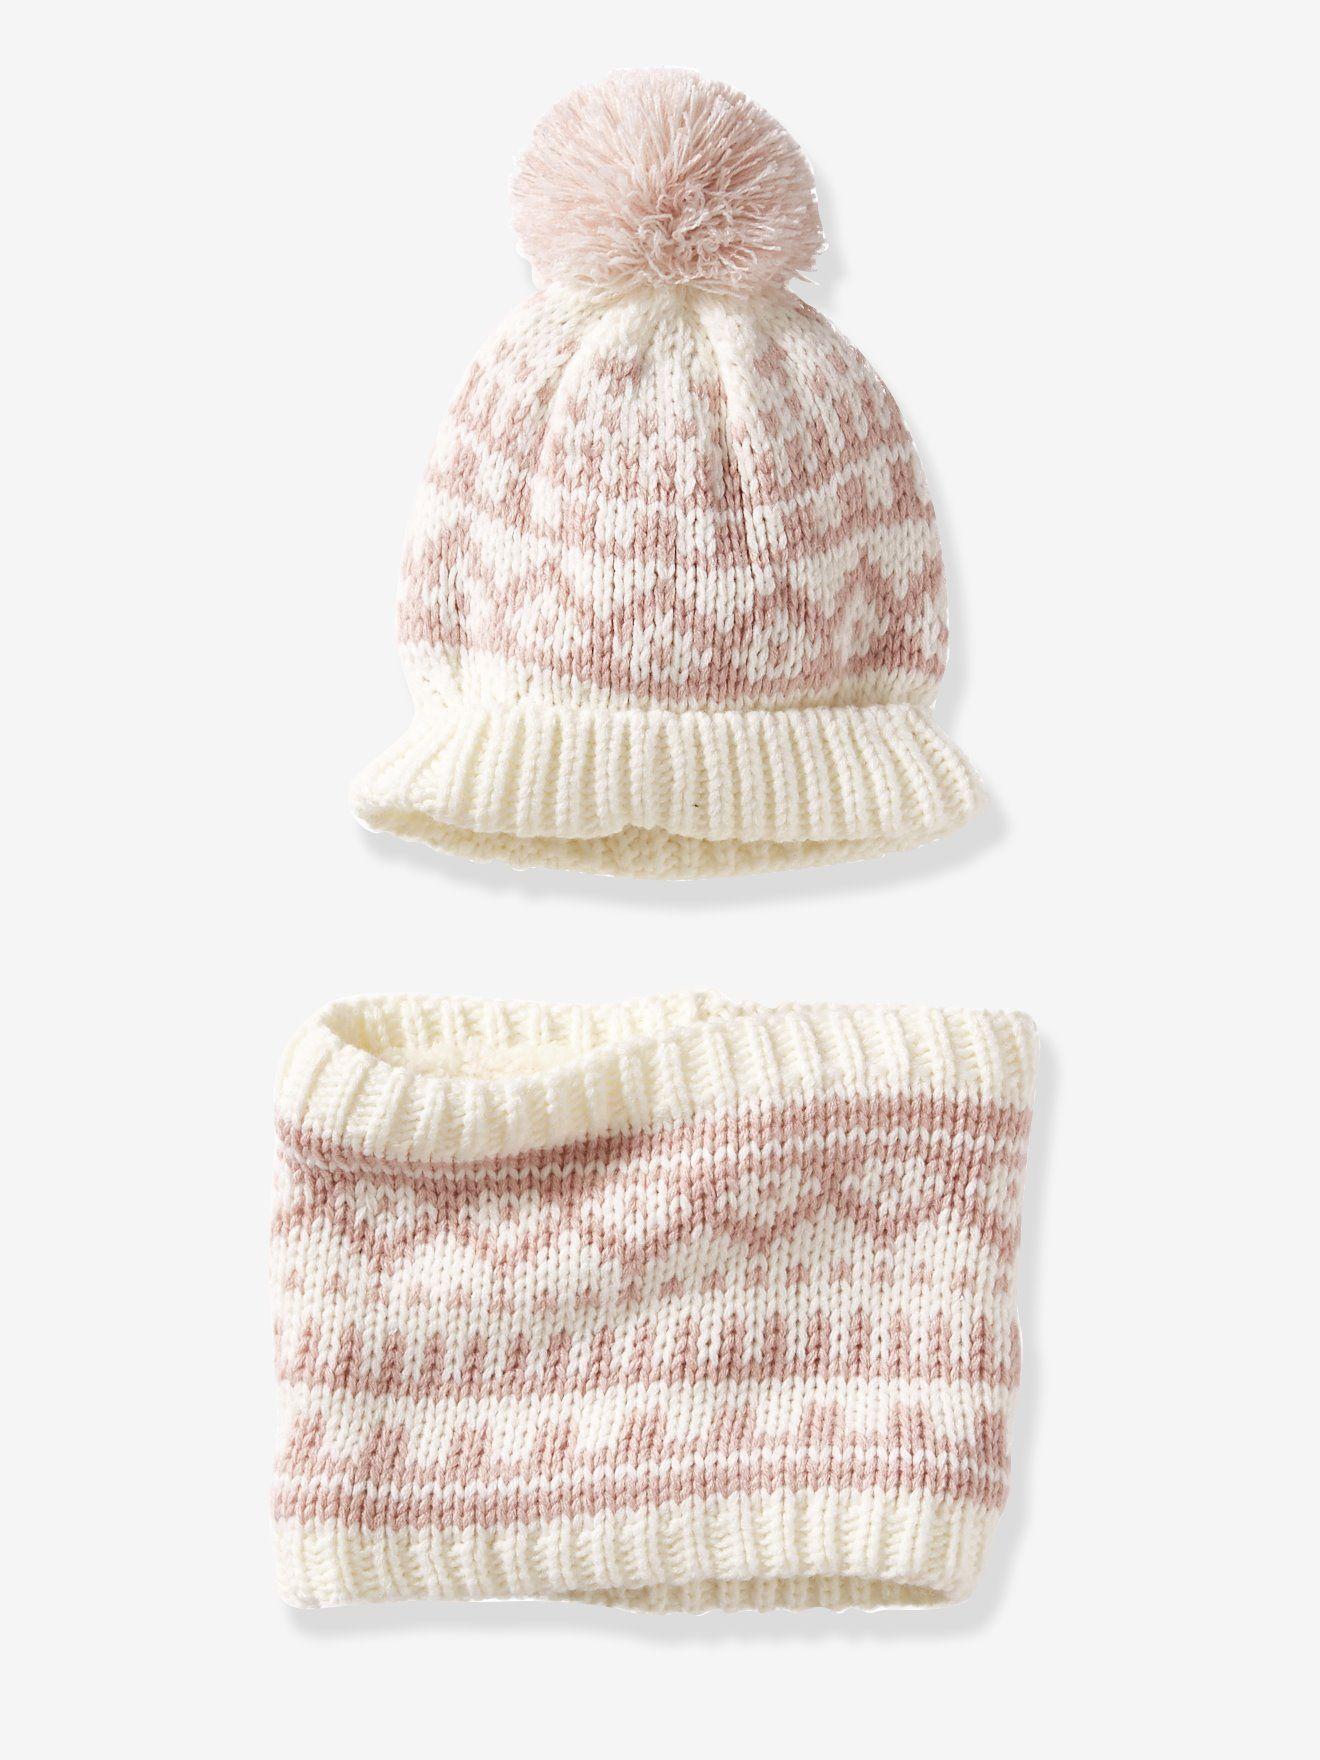 a0132a4f347 Ensemble bonnet et snood façon jacquard bébé ivoire rose - Pour affronter  les premiers frimas